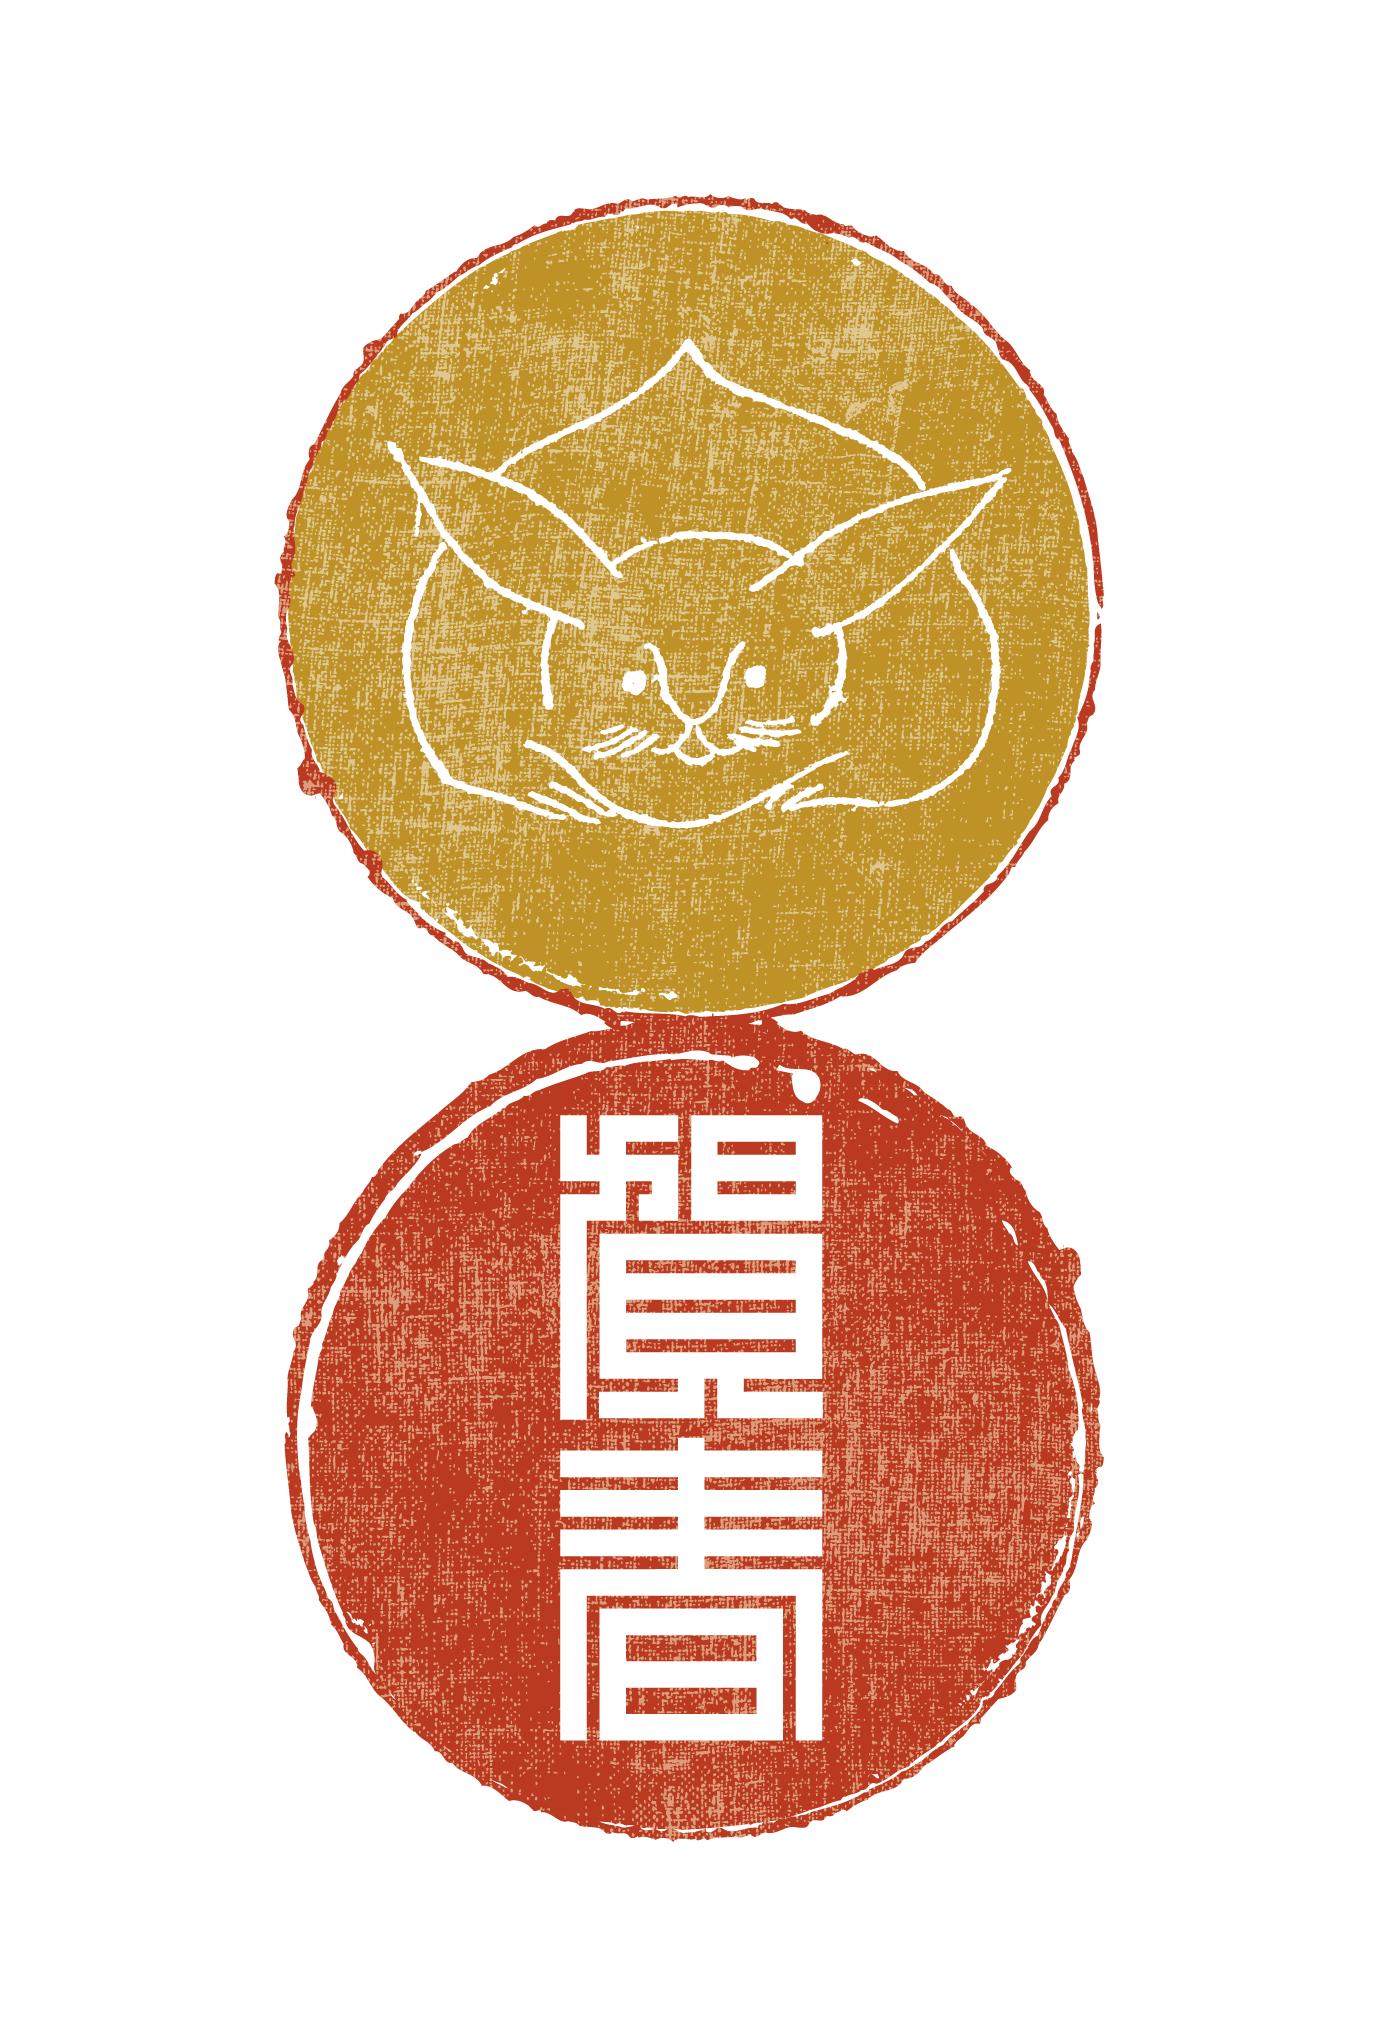 2011年賀状29:真向兎紋(賀春)のダウンロード画像